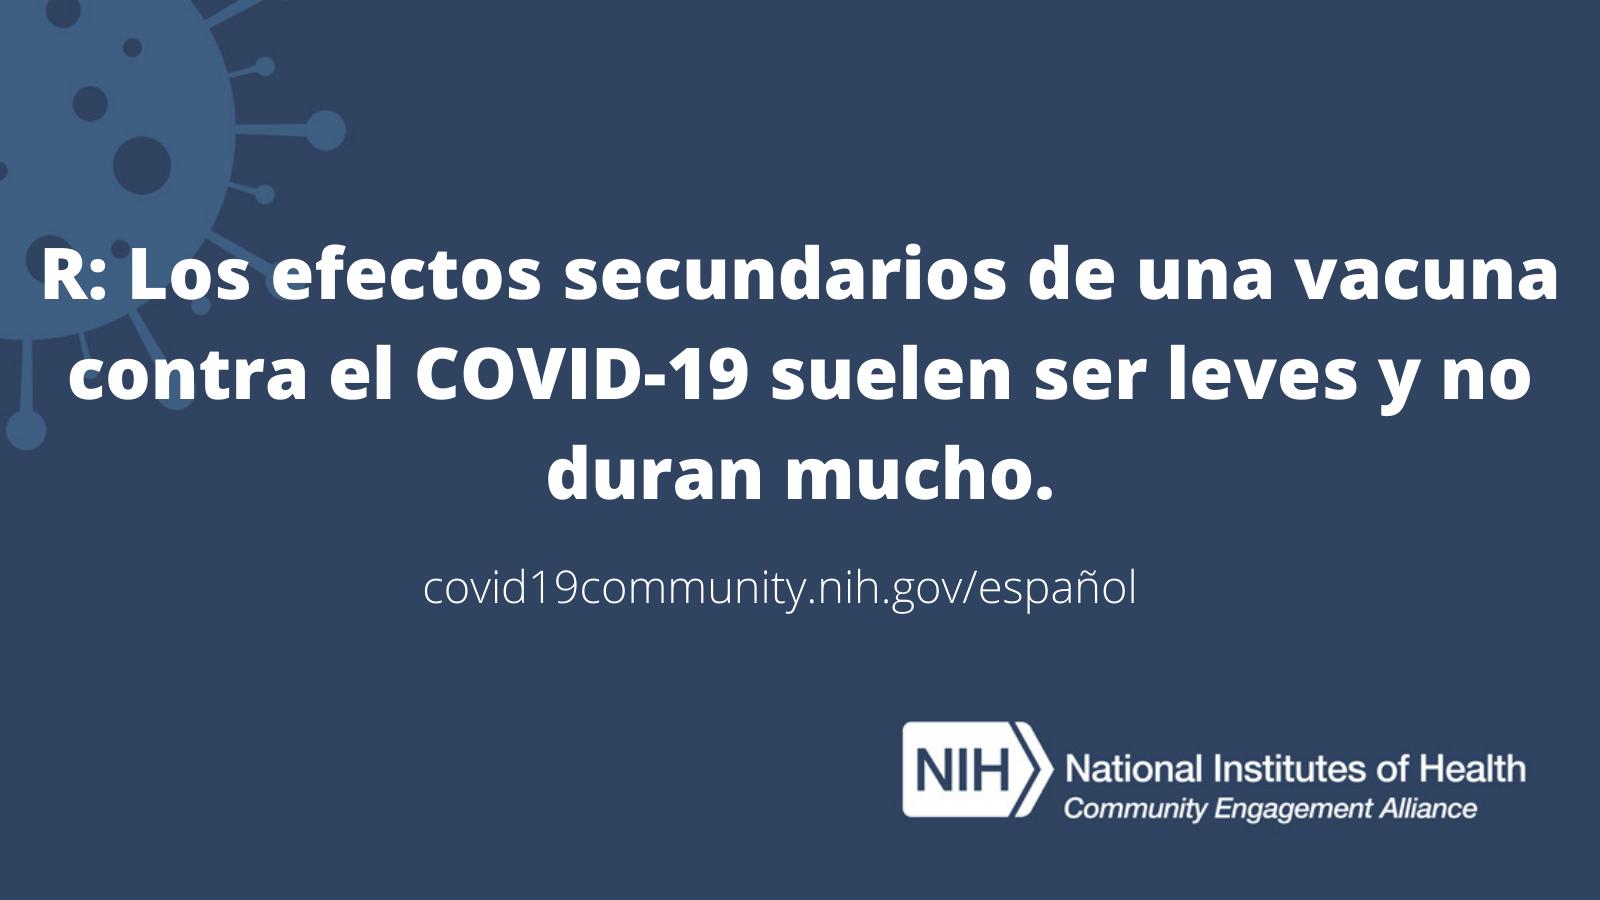 R: Los efectos secundarios de una vacuna contra el COVID-19 suelen ser leves y no duran mucho.